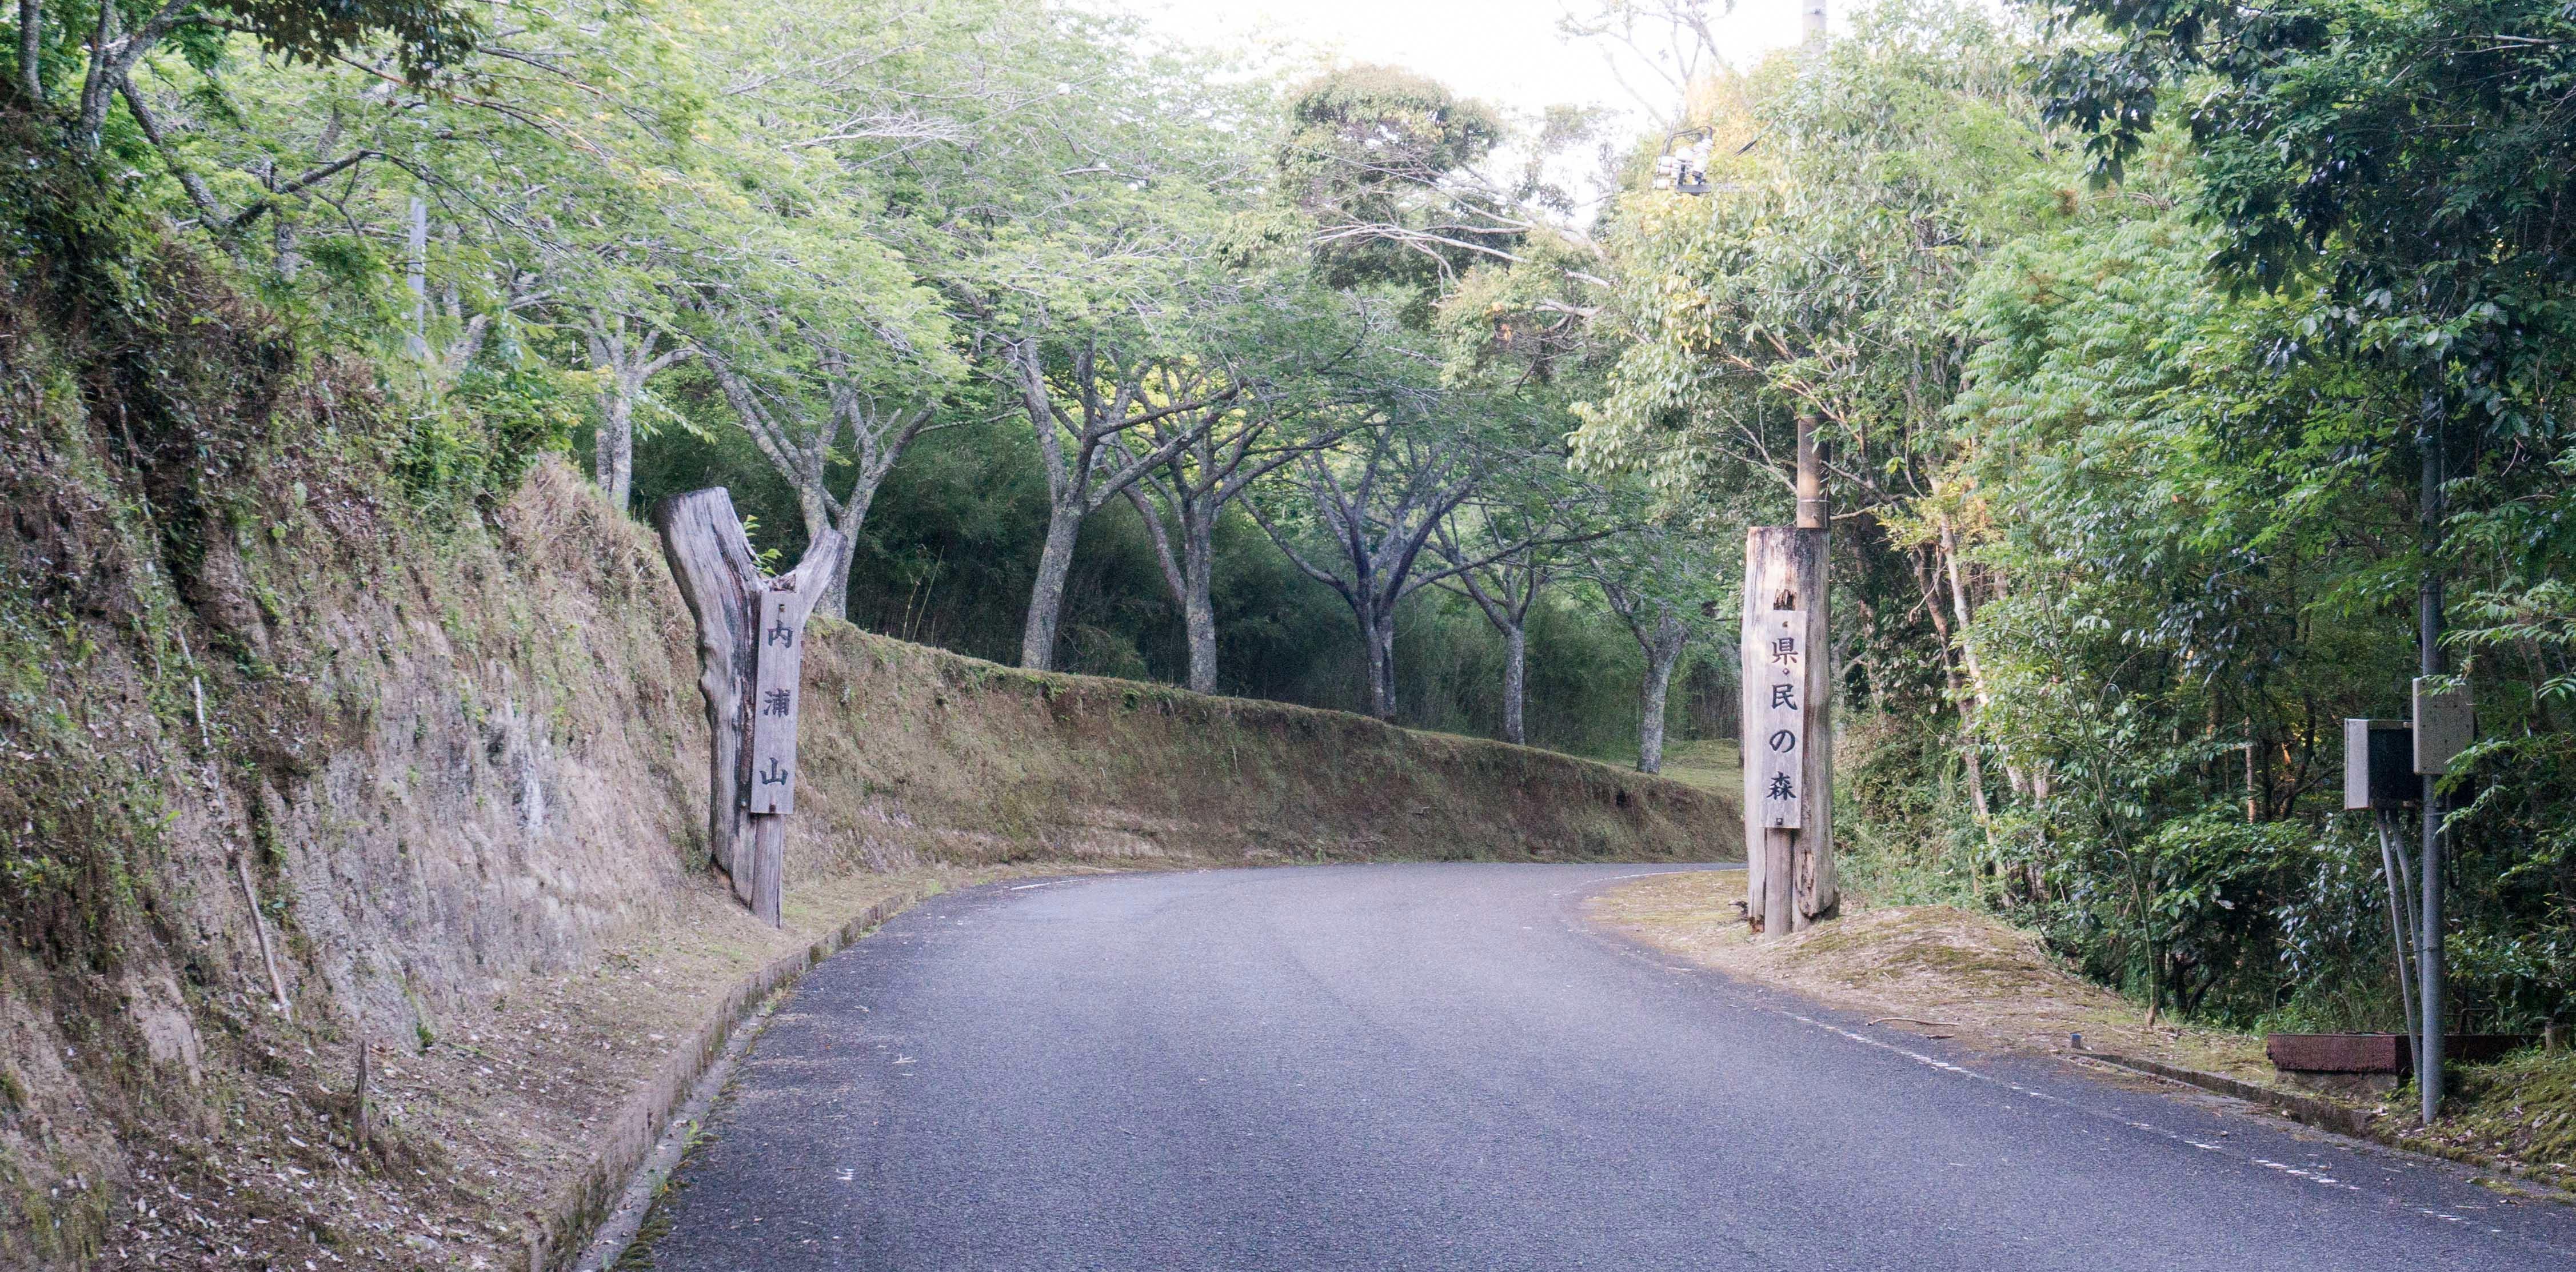 内浦山県民の森の入り口表札の写真。